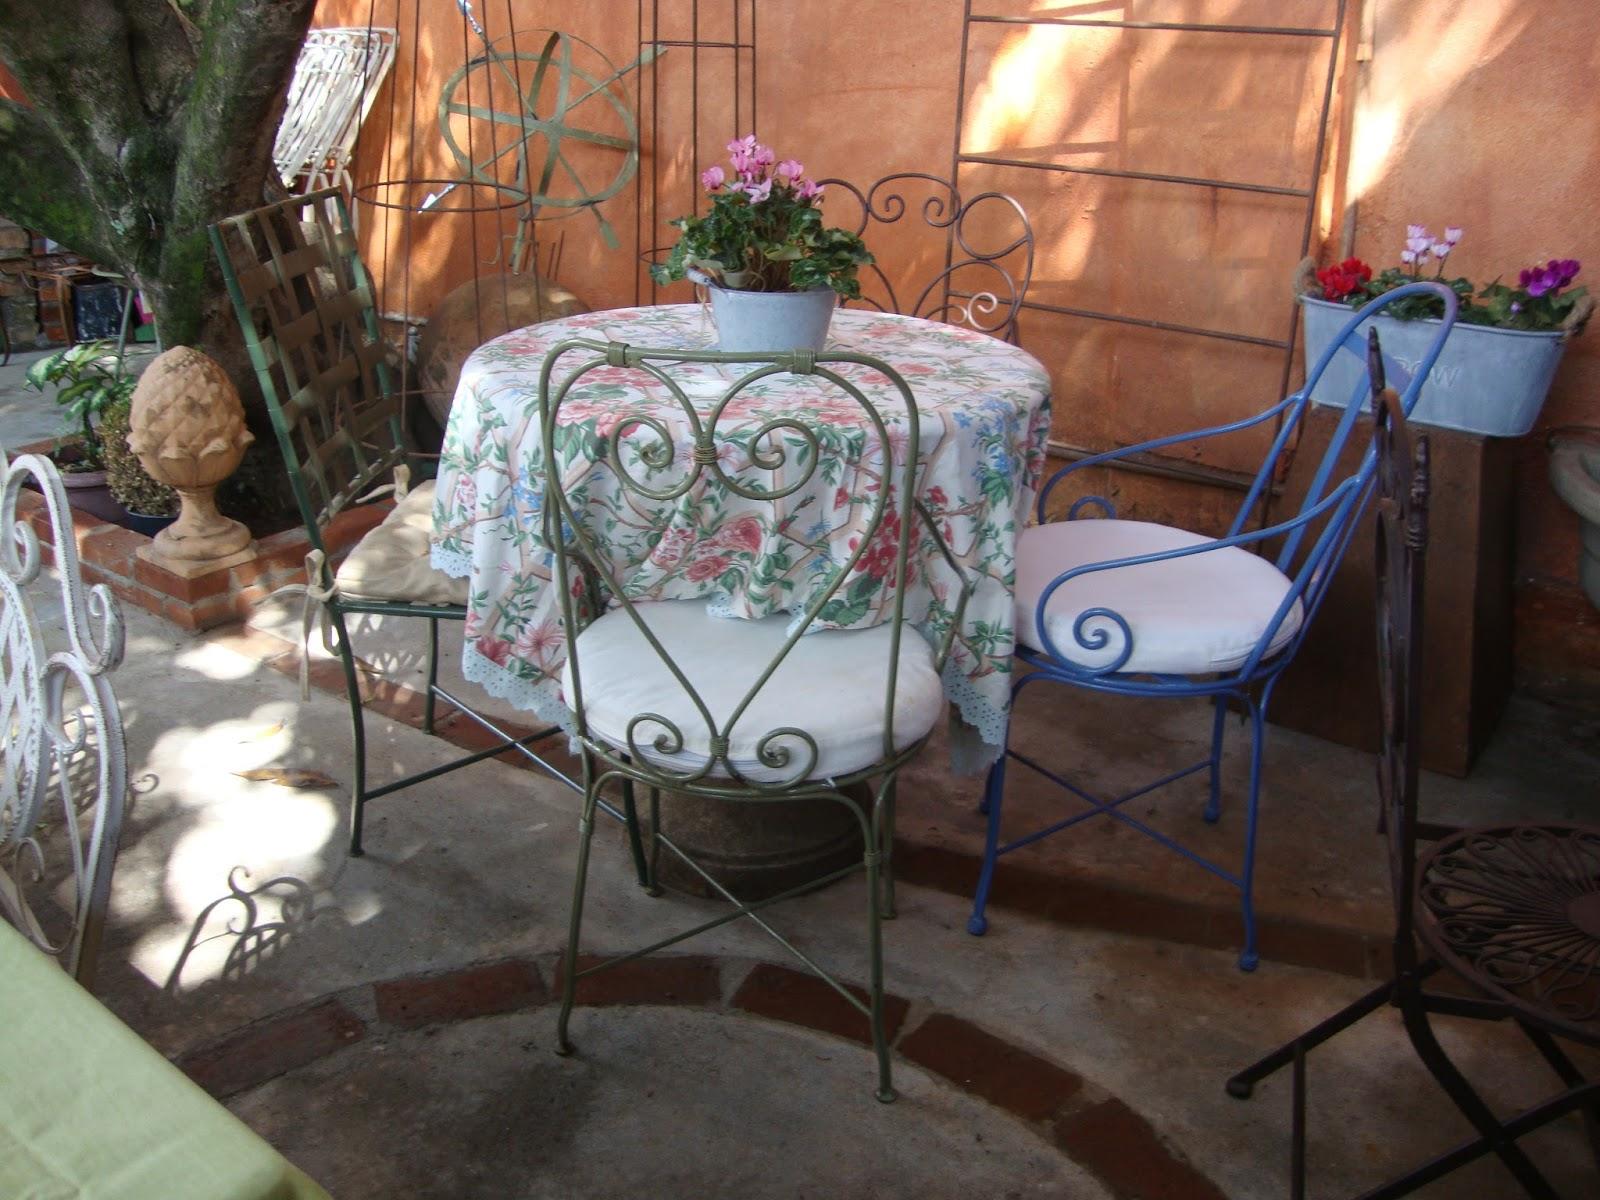 decoracao ferro jardim: Serralheria de Charme: Móveis de Ferro para almoçar no seu jardim